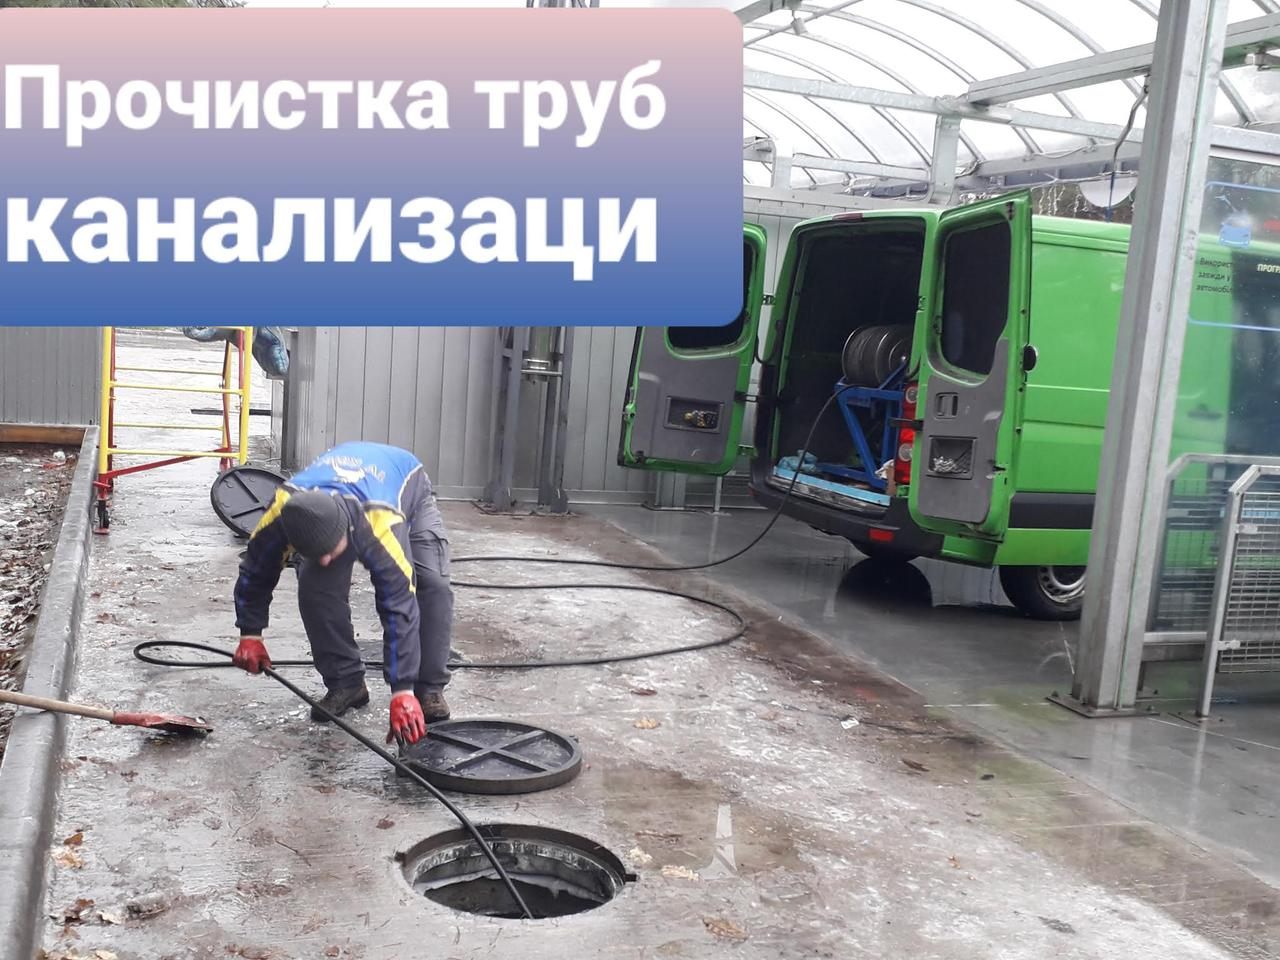 Прочистка канализации,устранение засоров